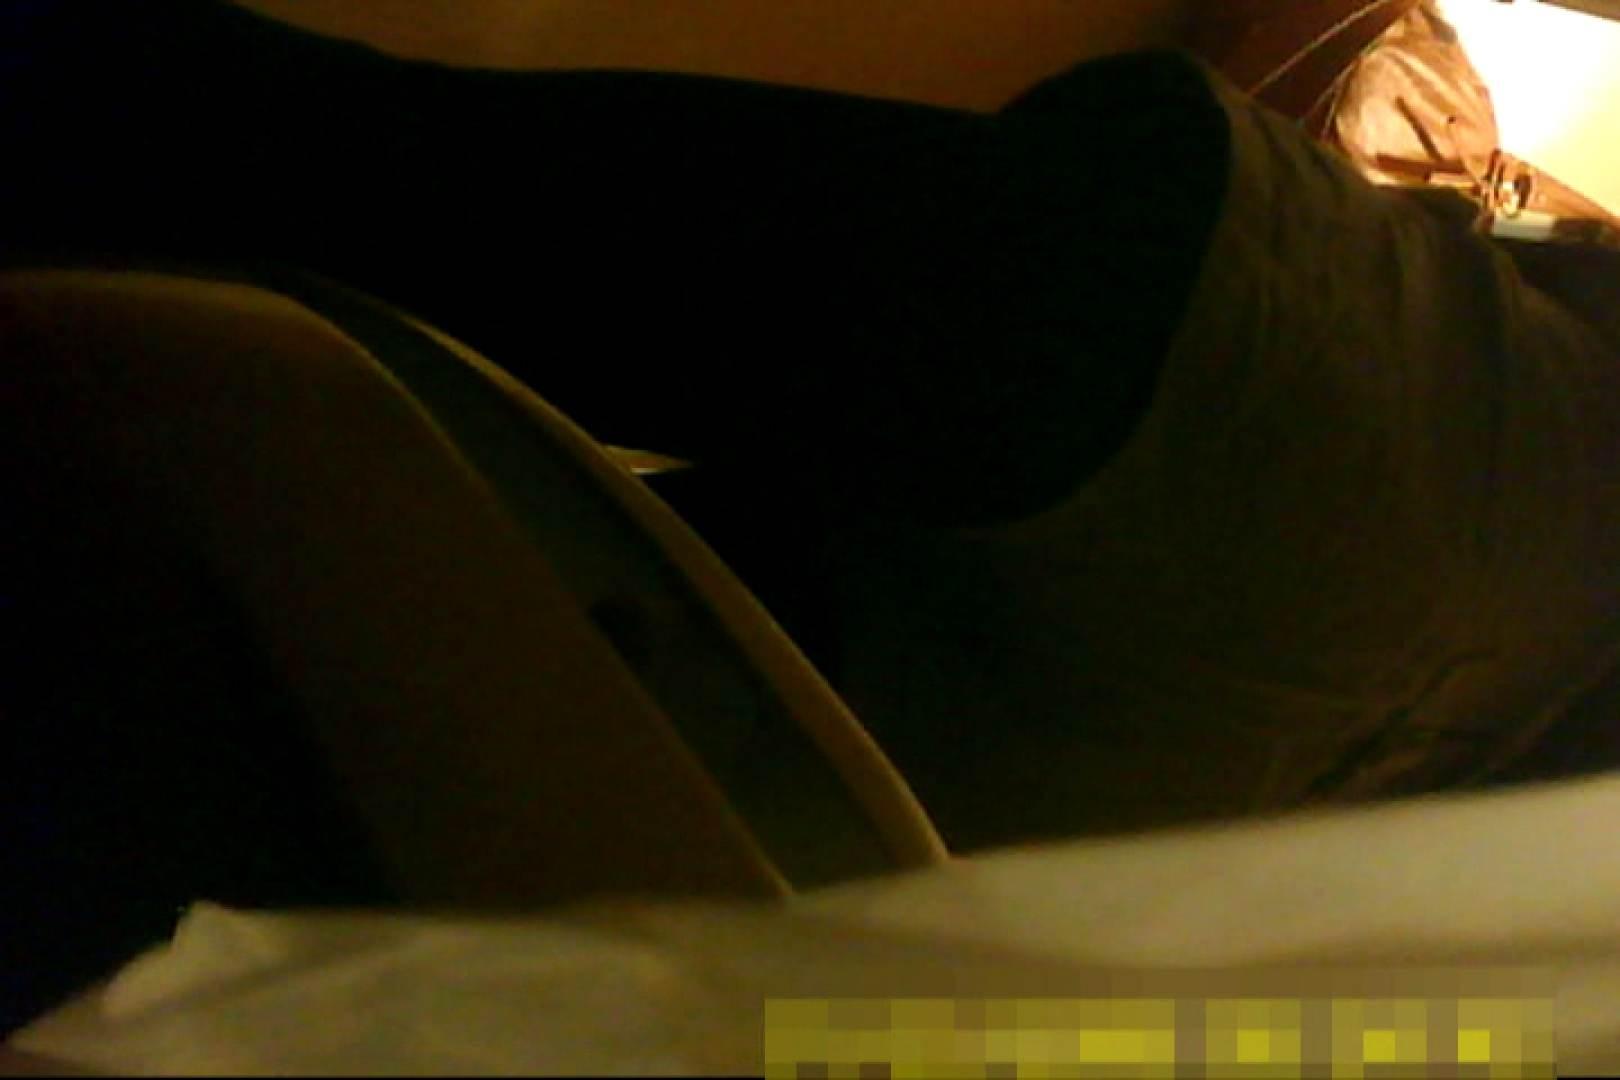 魅惑の化粧室~禁断のプライベート空間~vol.8 熟女のエッチ  63pic 32